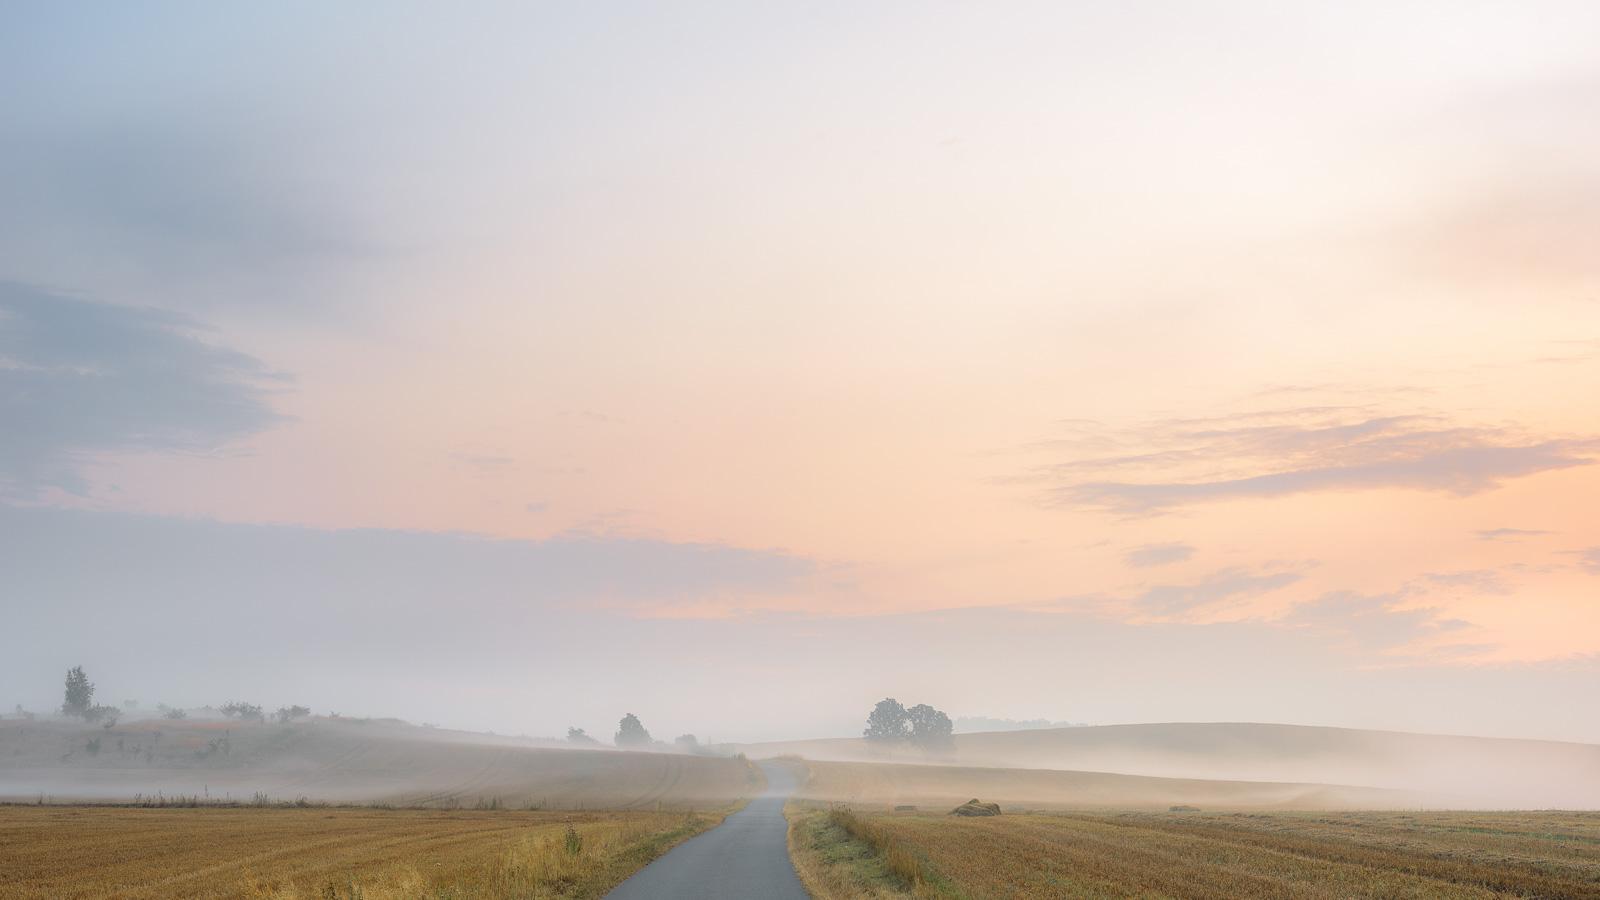 Przed świtem można pomarzyć o jesiennych mgłach. Na razie (sierpień) lekkie zamglenia zdarzają się lokalnie, po większych deszczach. Zdjęcie wykonane o świcie w okolicach Ścinawki.